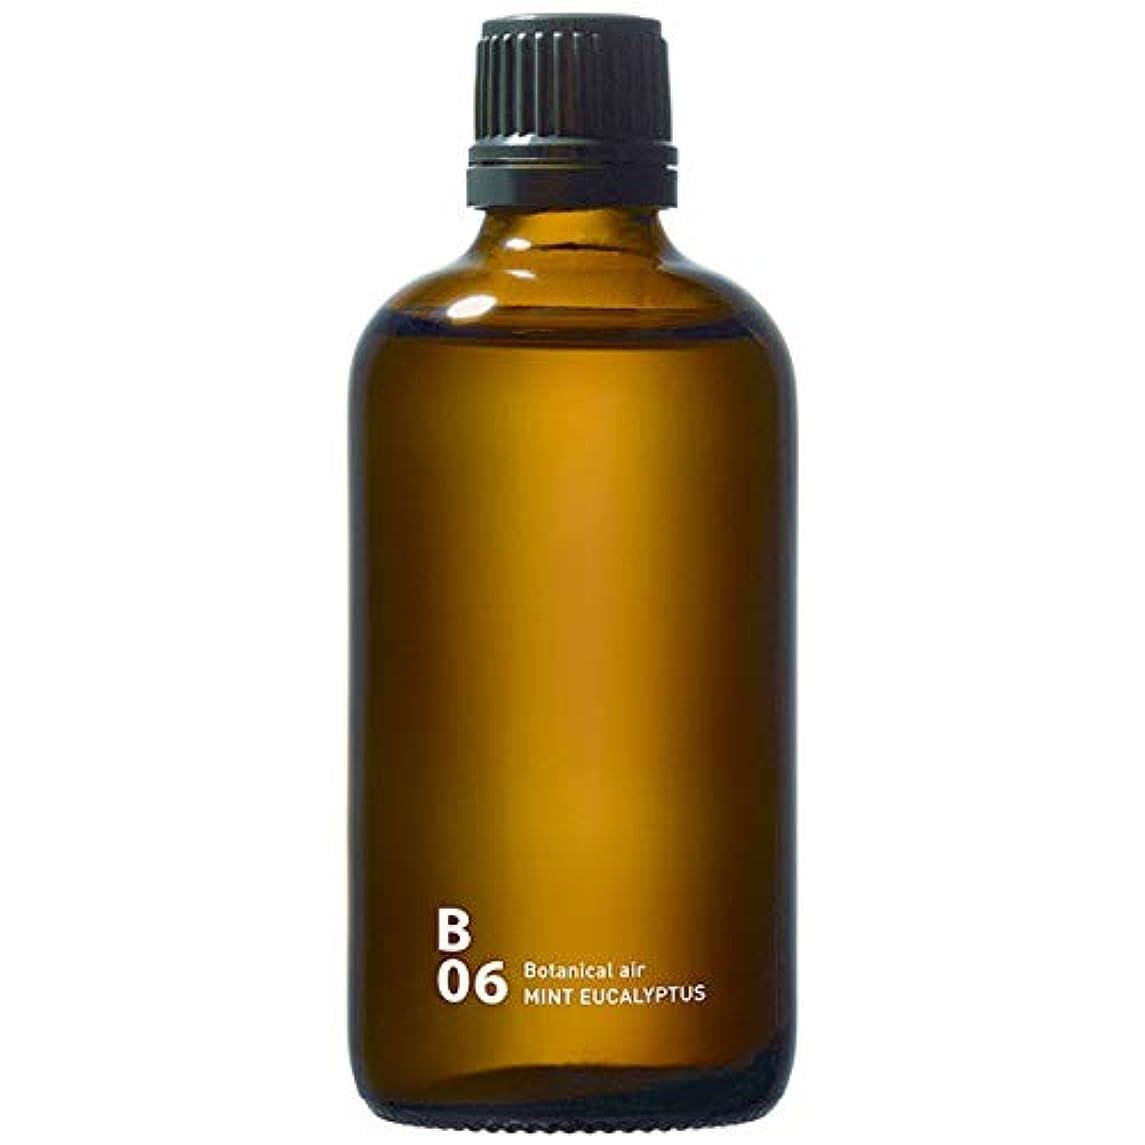 習字剃るステッチB06 MINT EUCALYPTUS piezo aroma oil 100ml